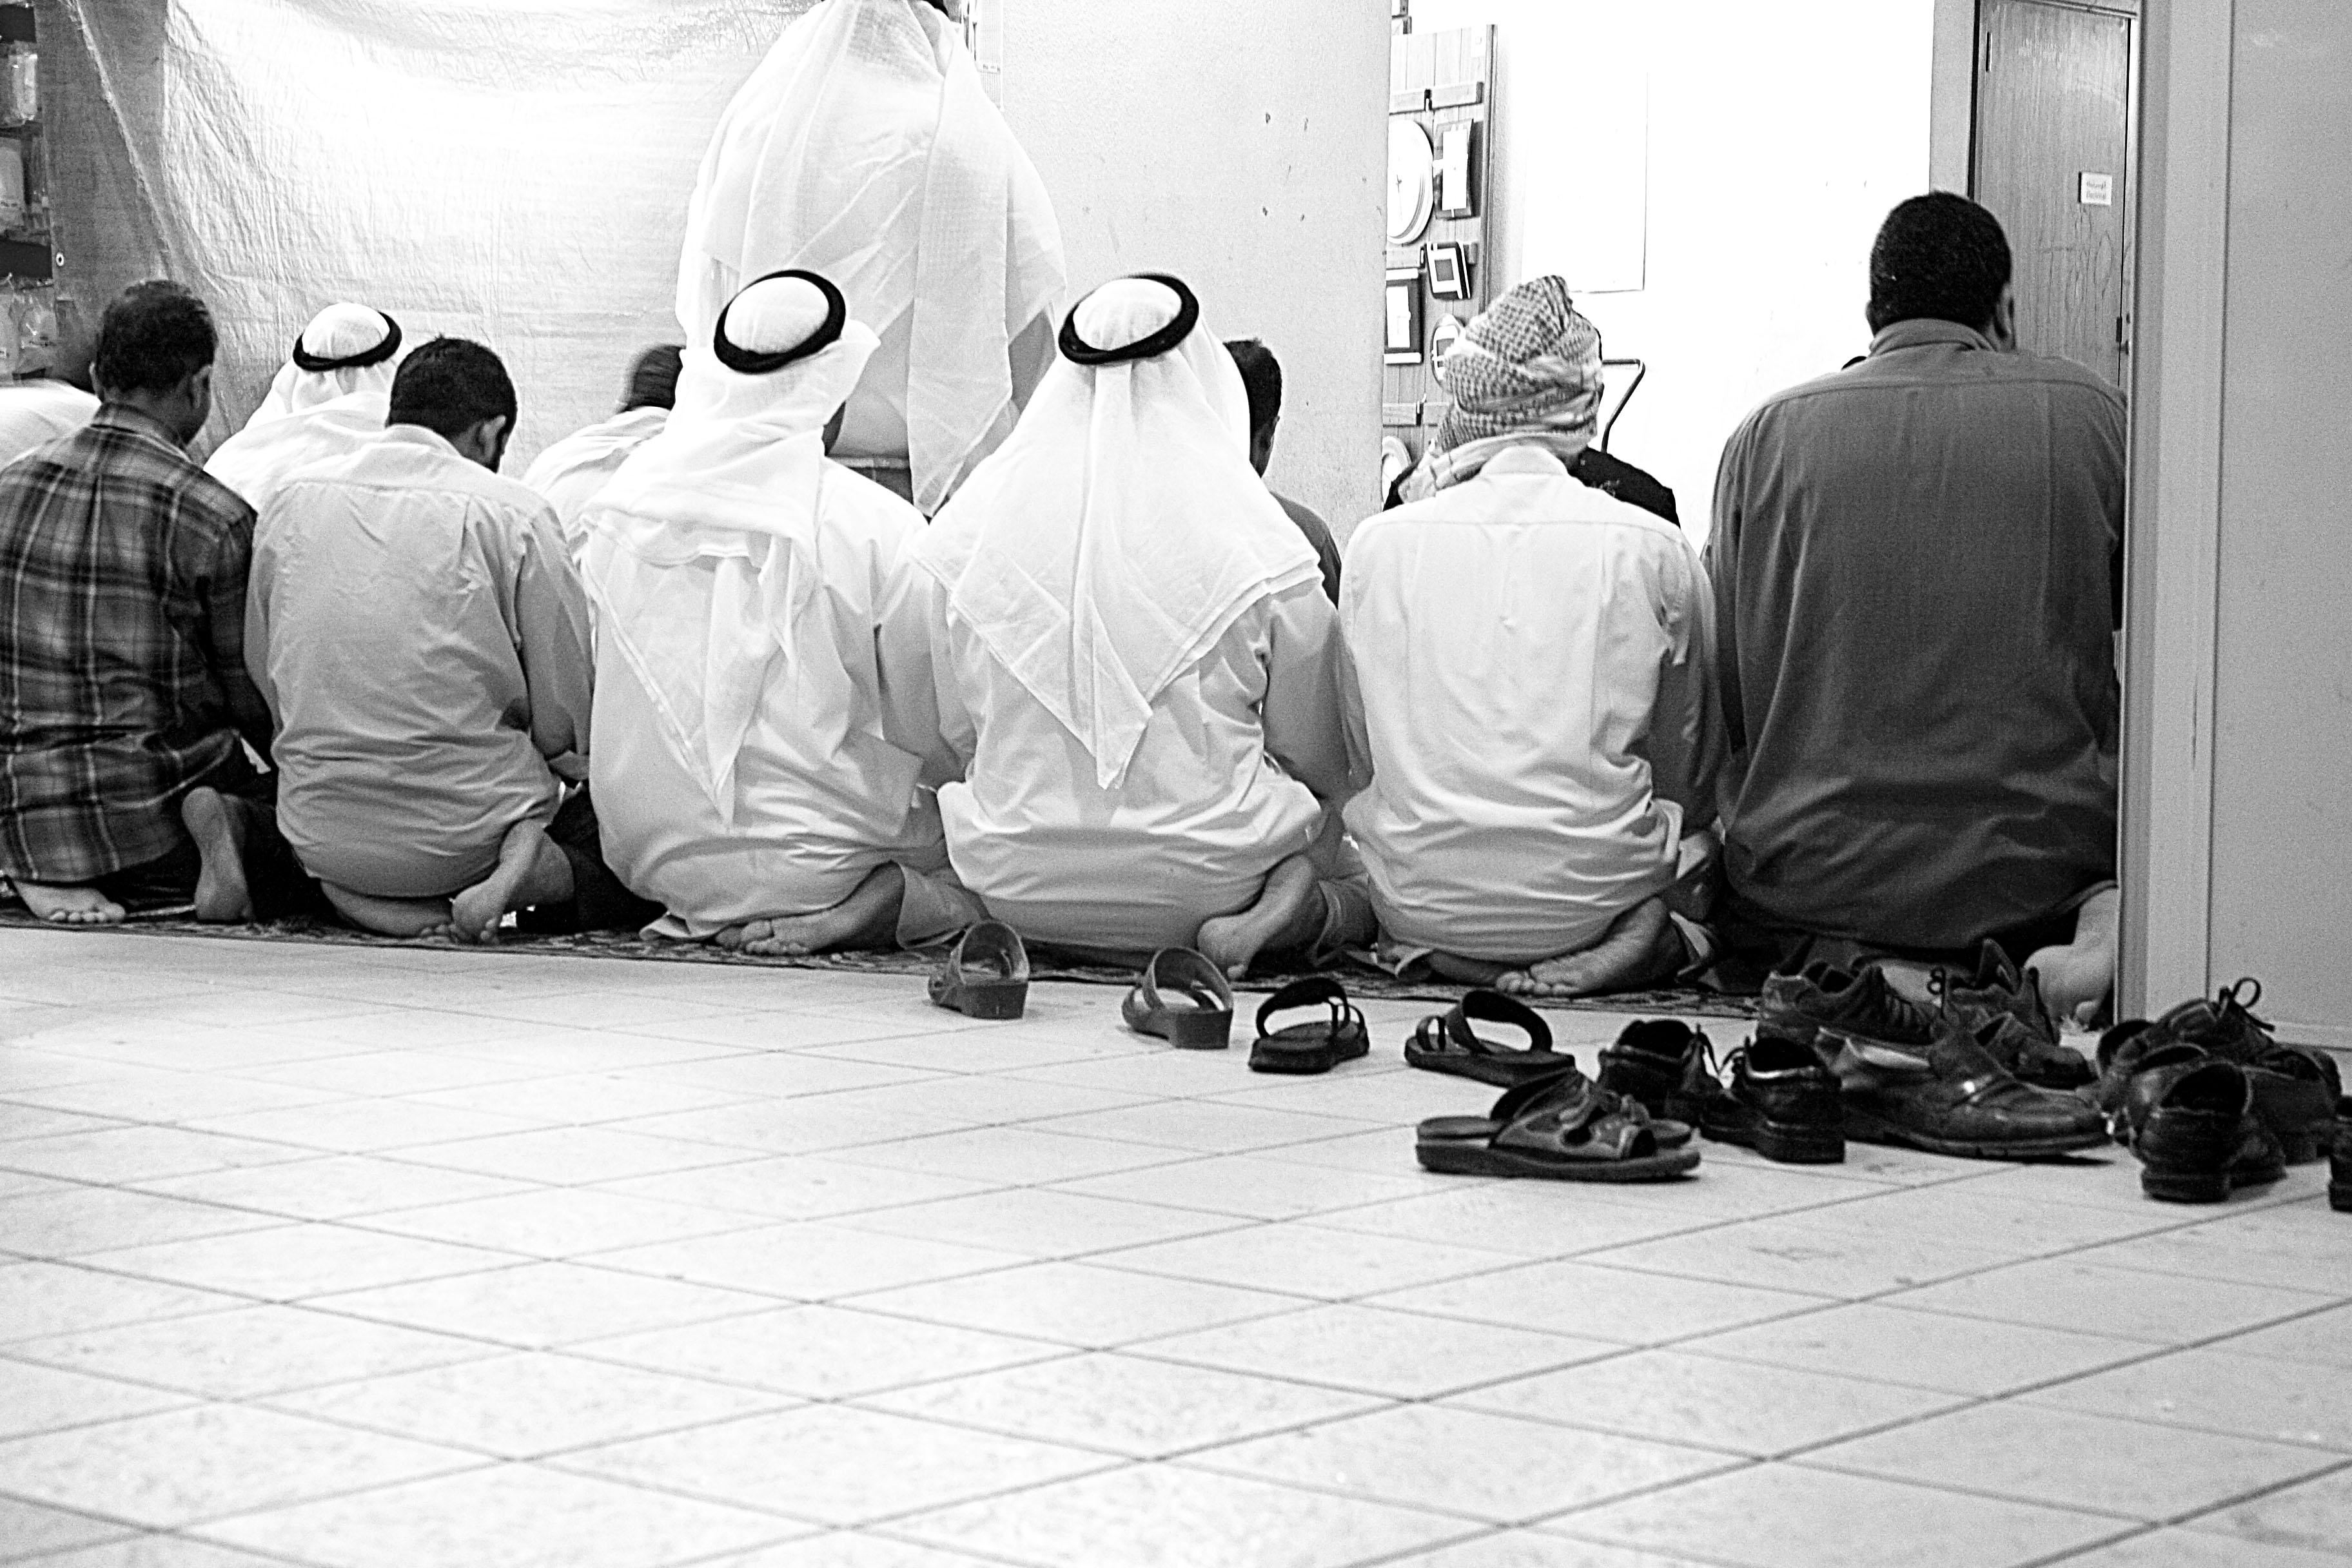 Kuwait City, Kuwait 2009